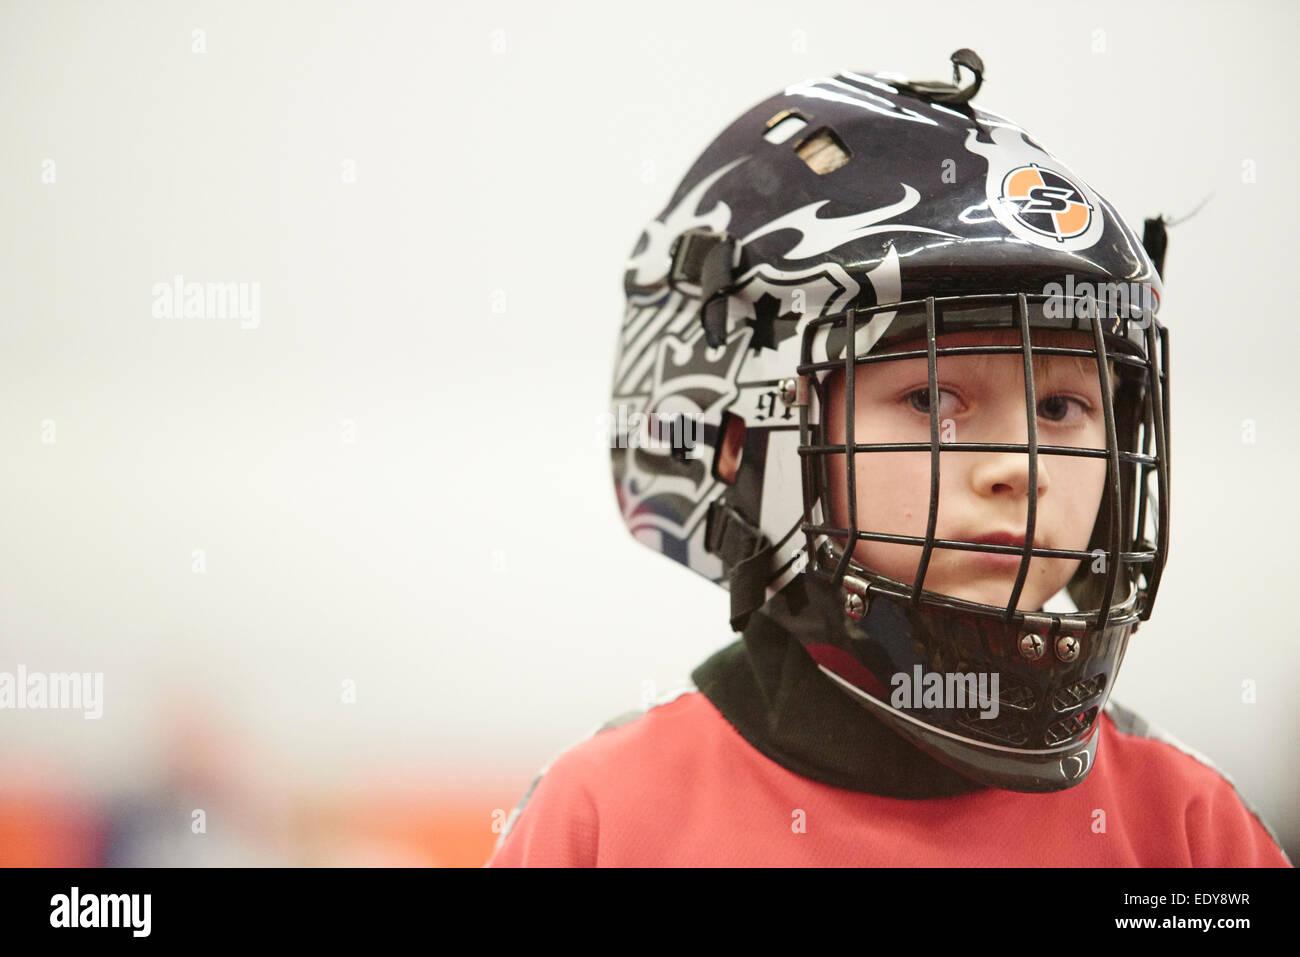 Kinder jungen Schüler spielen Floorball (Unihockey) entsprechen in Schule Turnhalle mit Kunststoff Hockeyschläger Stockbild